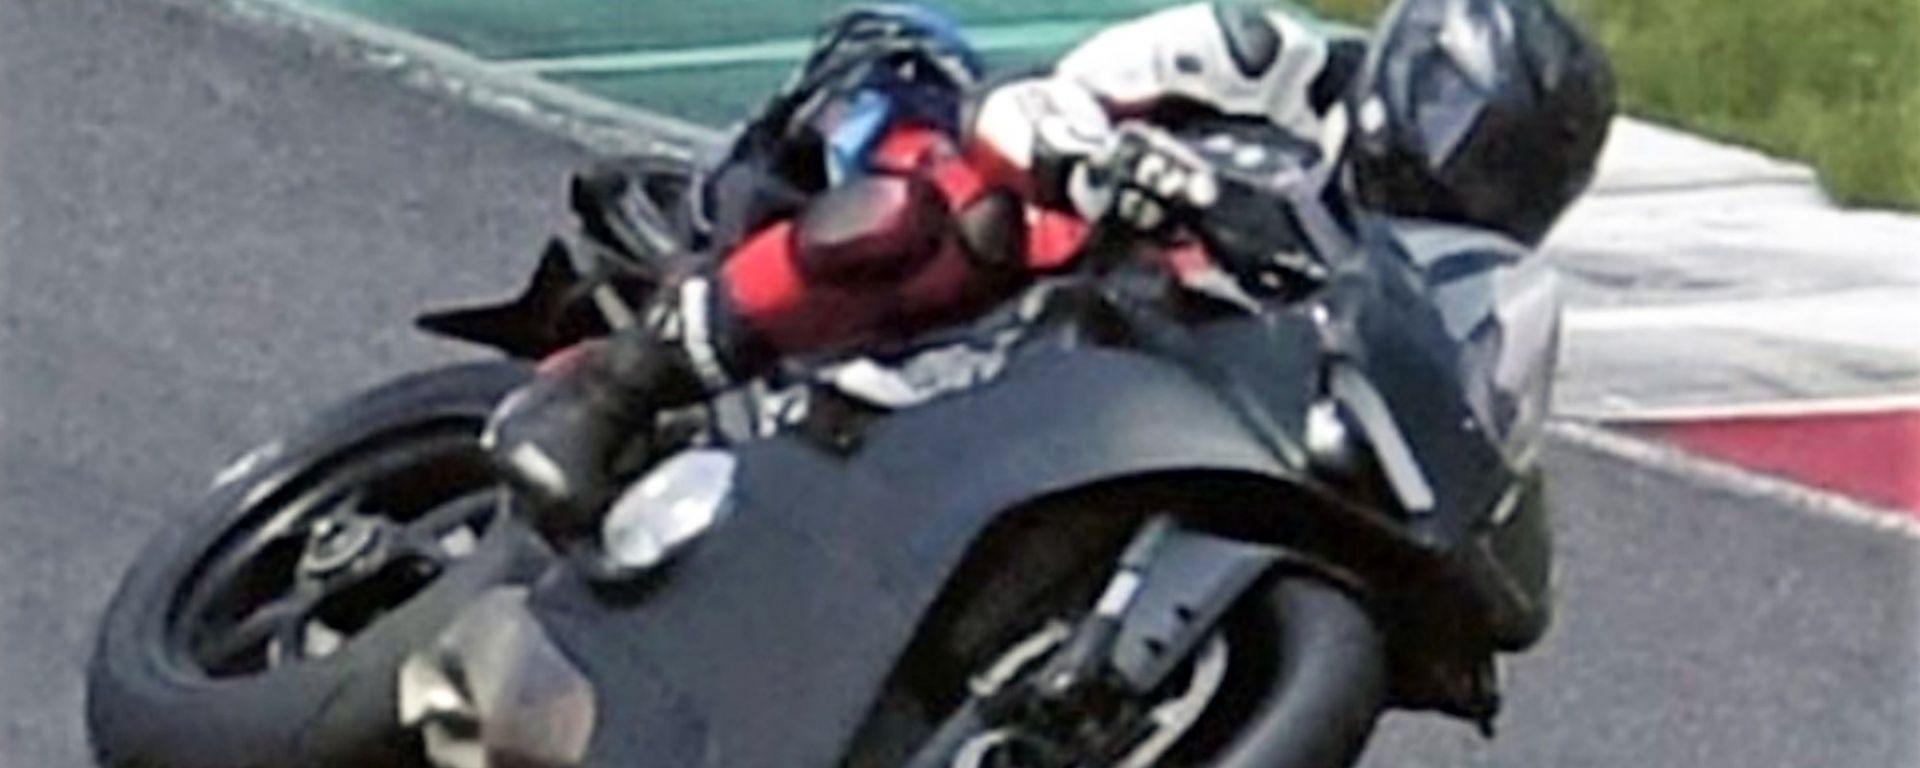 Ducati V4 superbike: ecco l'erede della Panigale